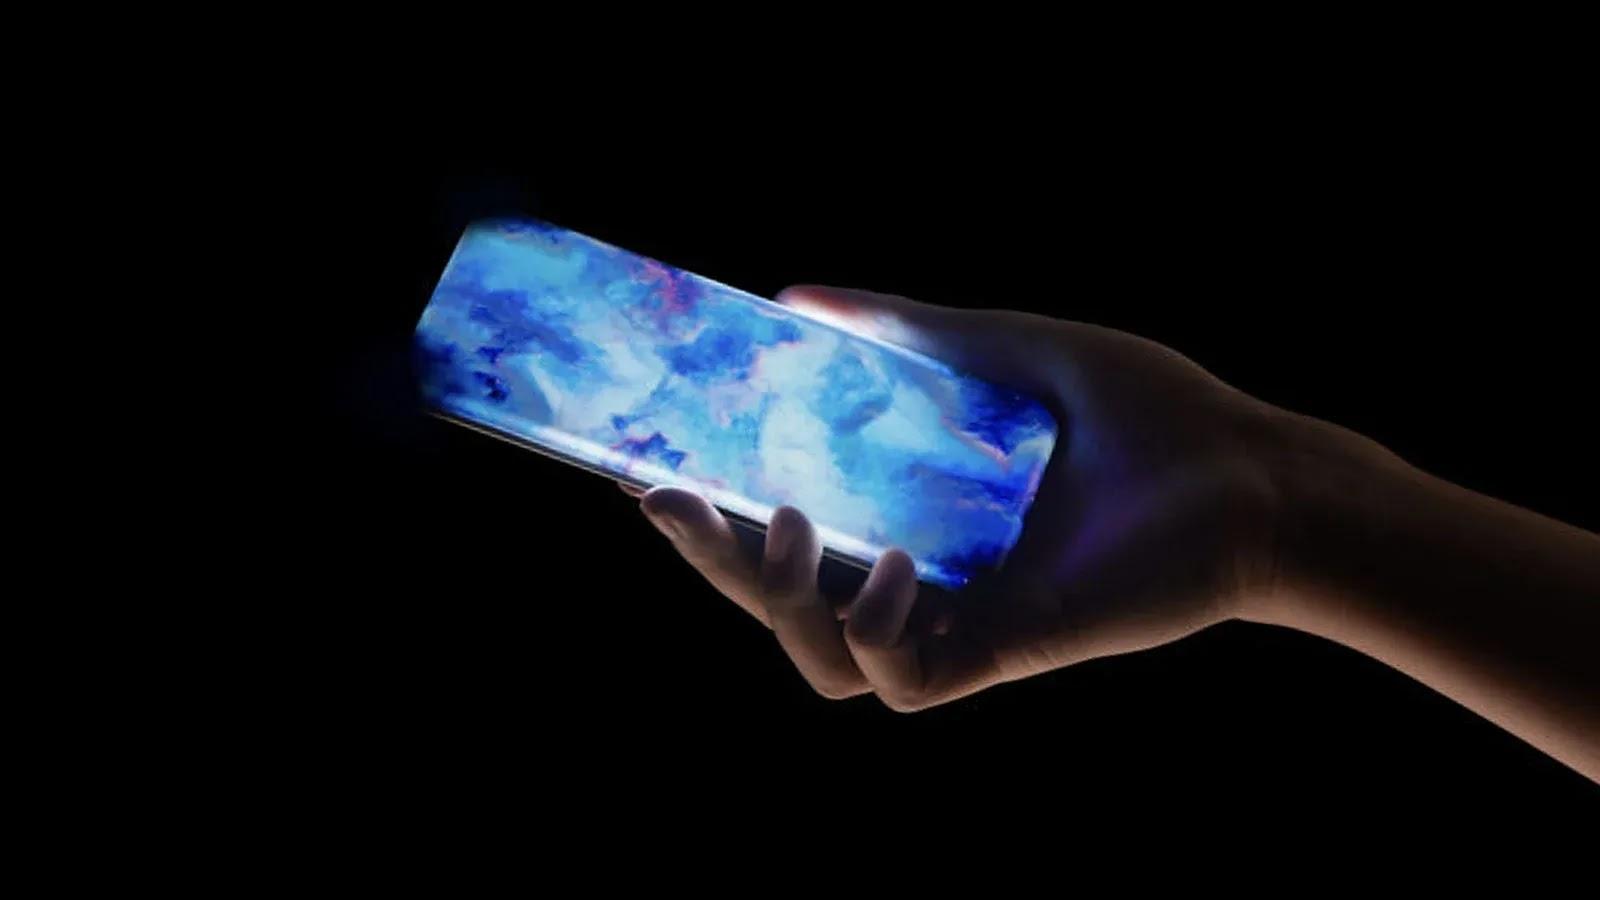 تعرض شاومي هاتفها ذو شاشة عرض الشلال الرباعي المنحني